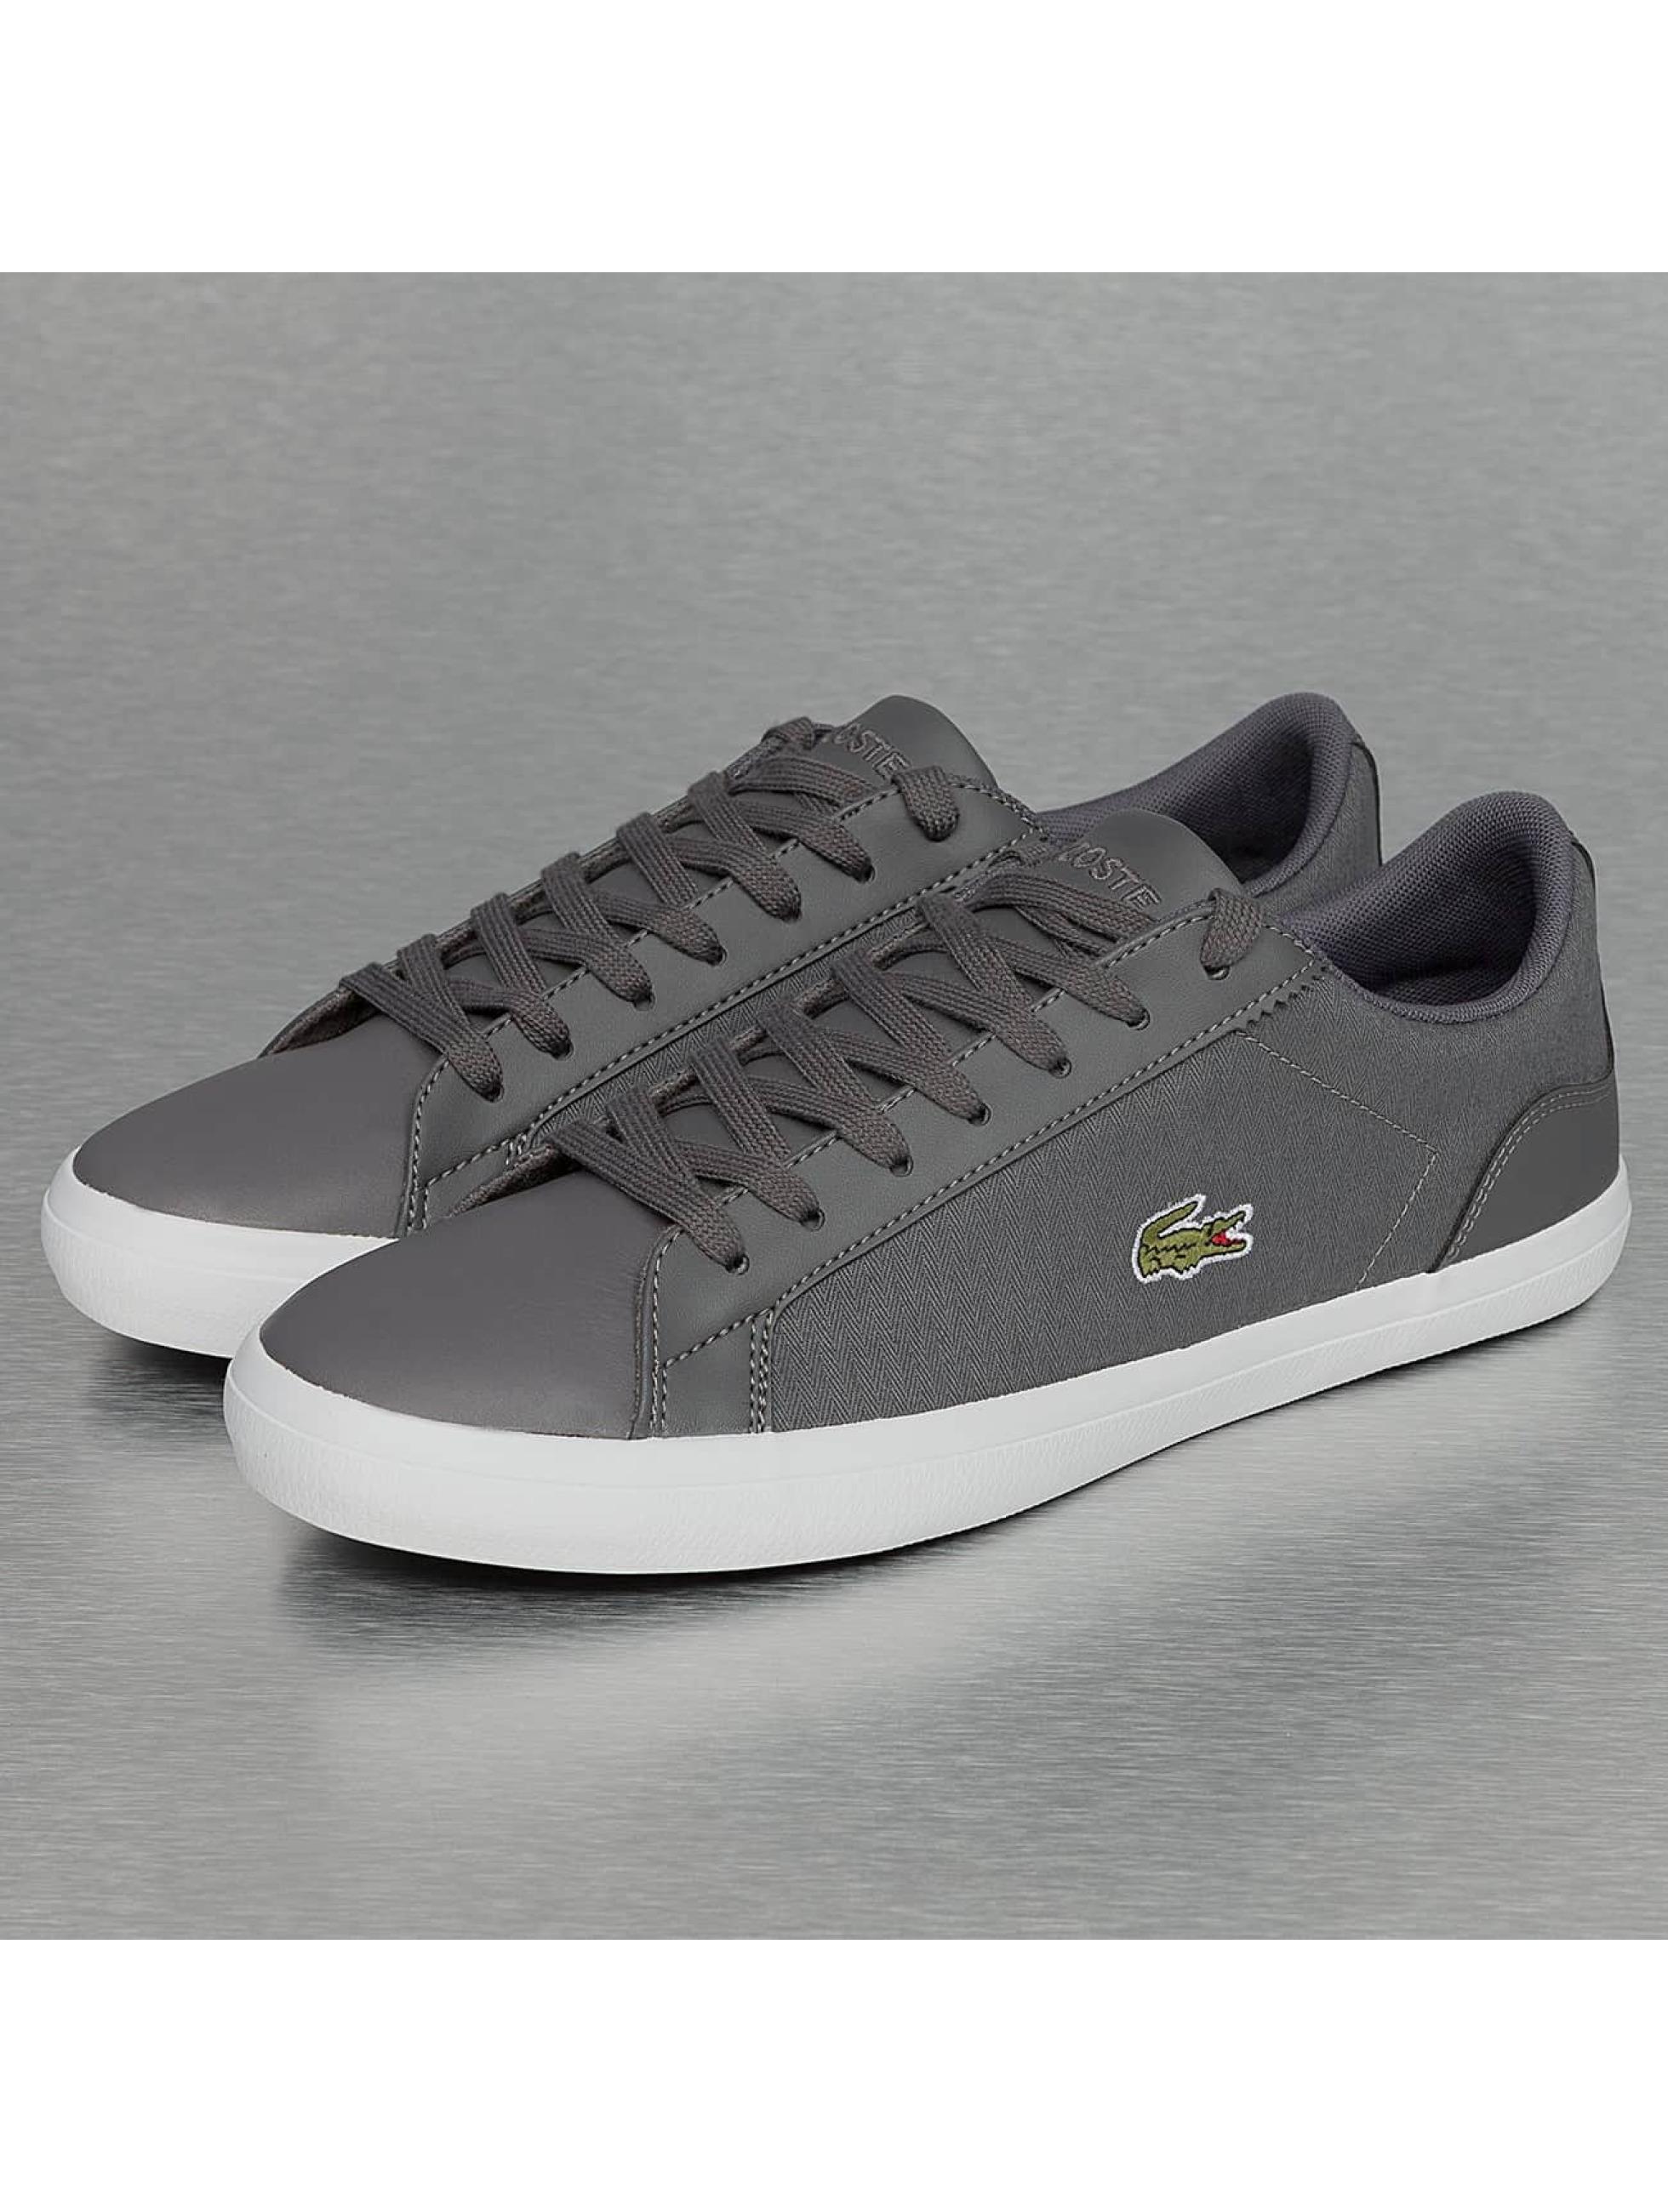 Lacoste Schoenen Heren Sneakers